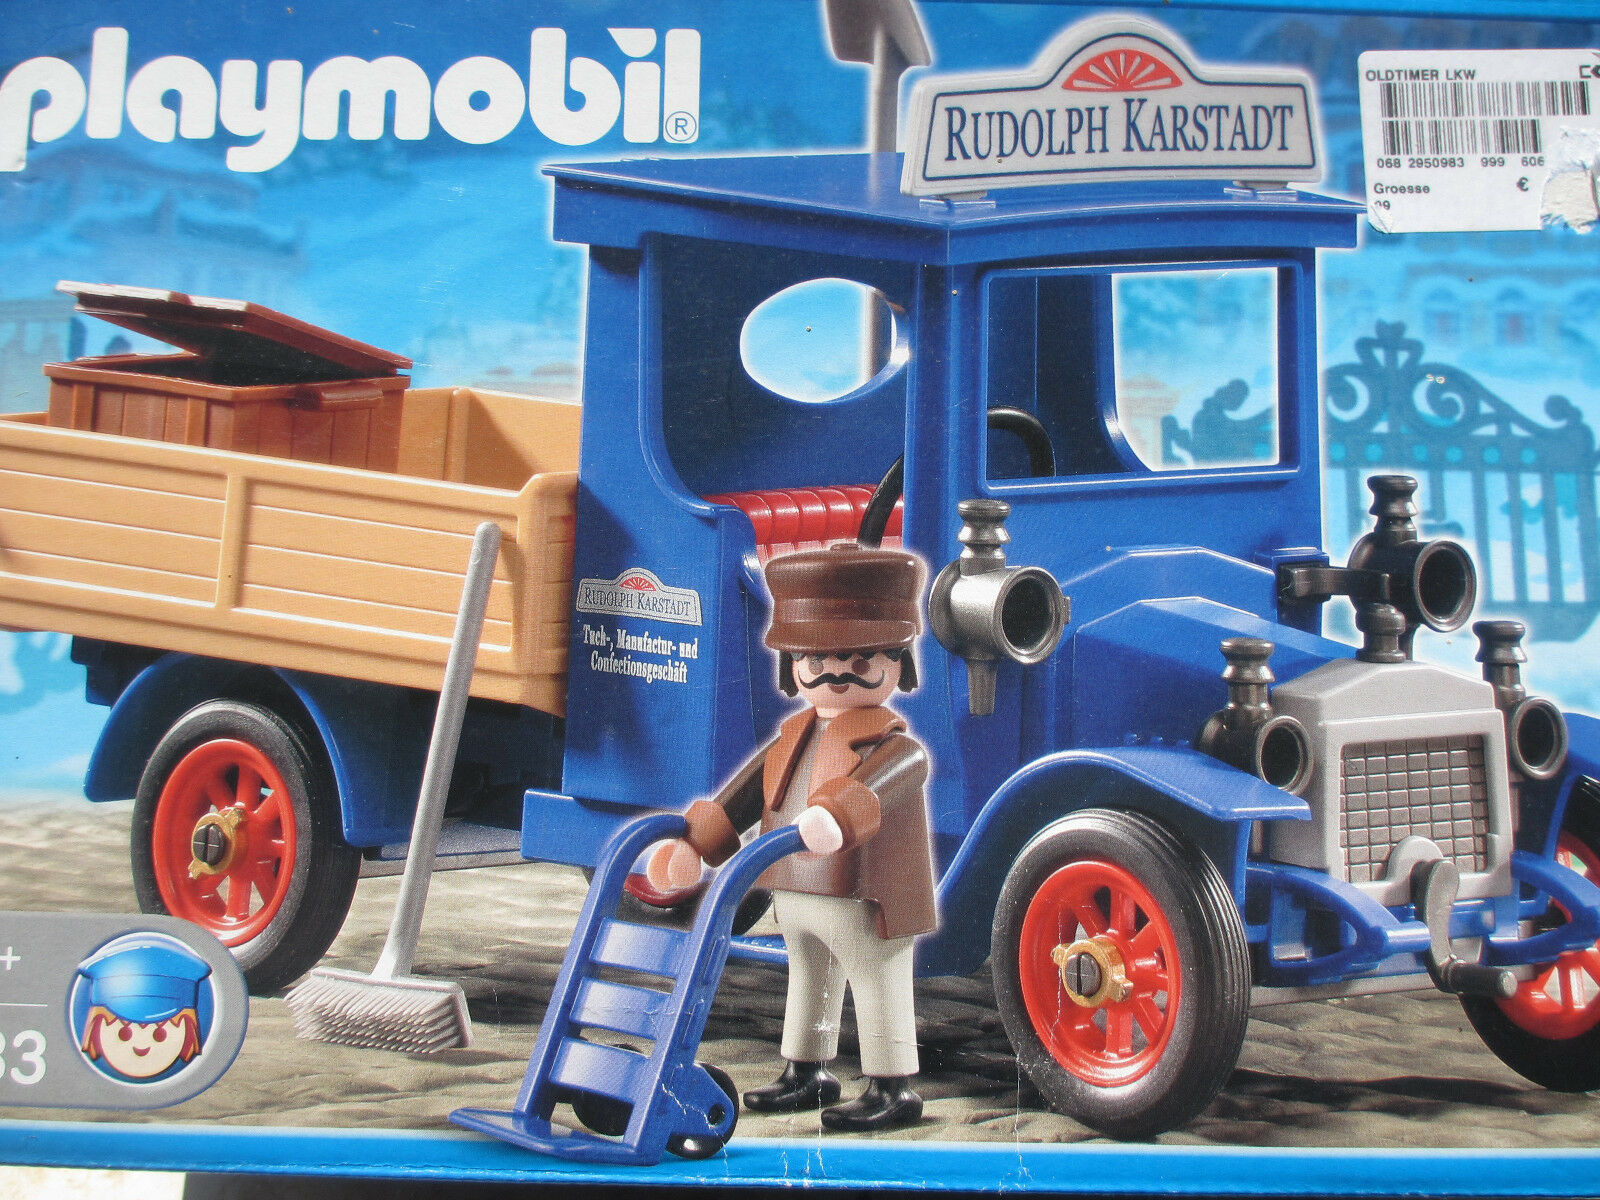 KARSTADT KARSTADT KARSTADT OLDTIMER LKW Playmobil 4083 Transporter Transport Union Laster OVP NEU 1ca73e